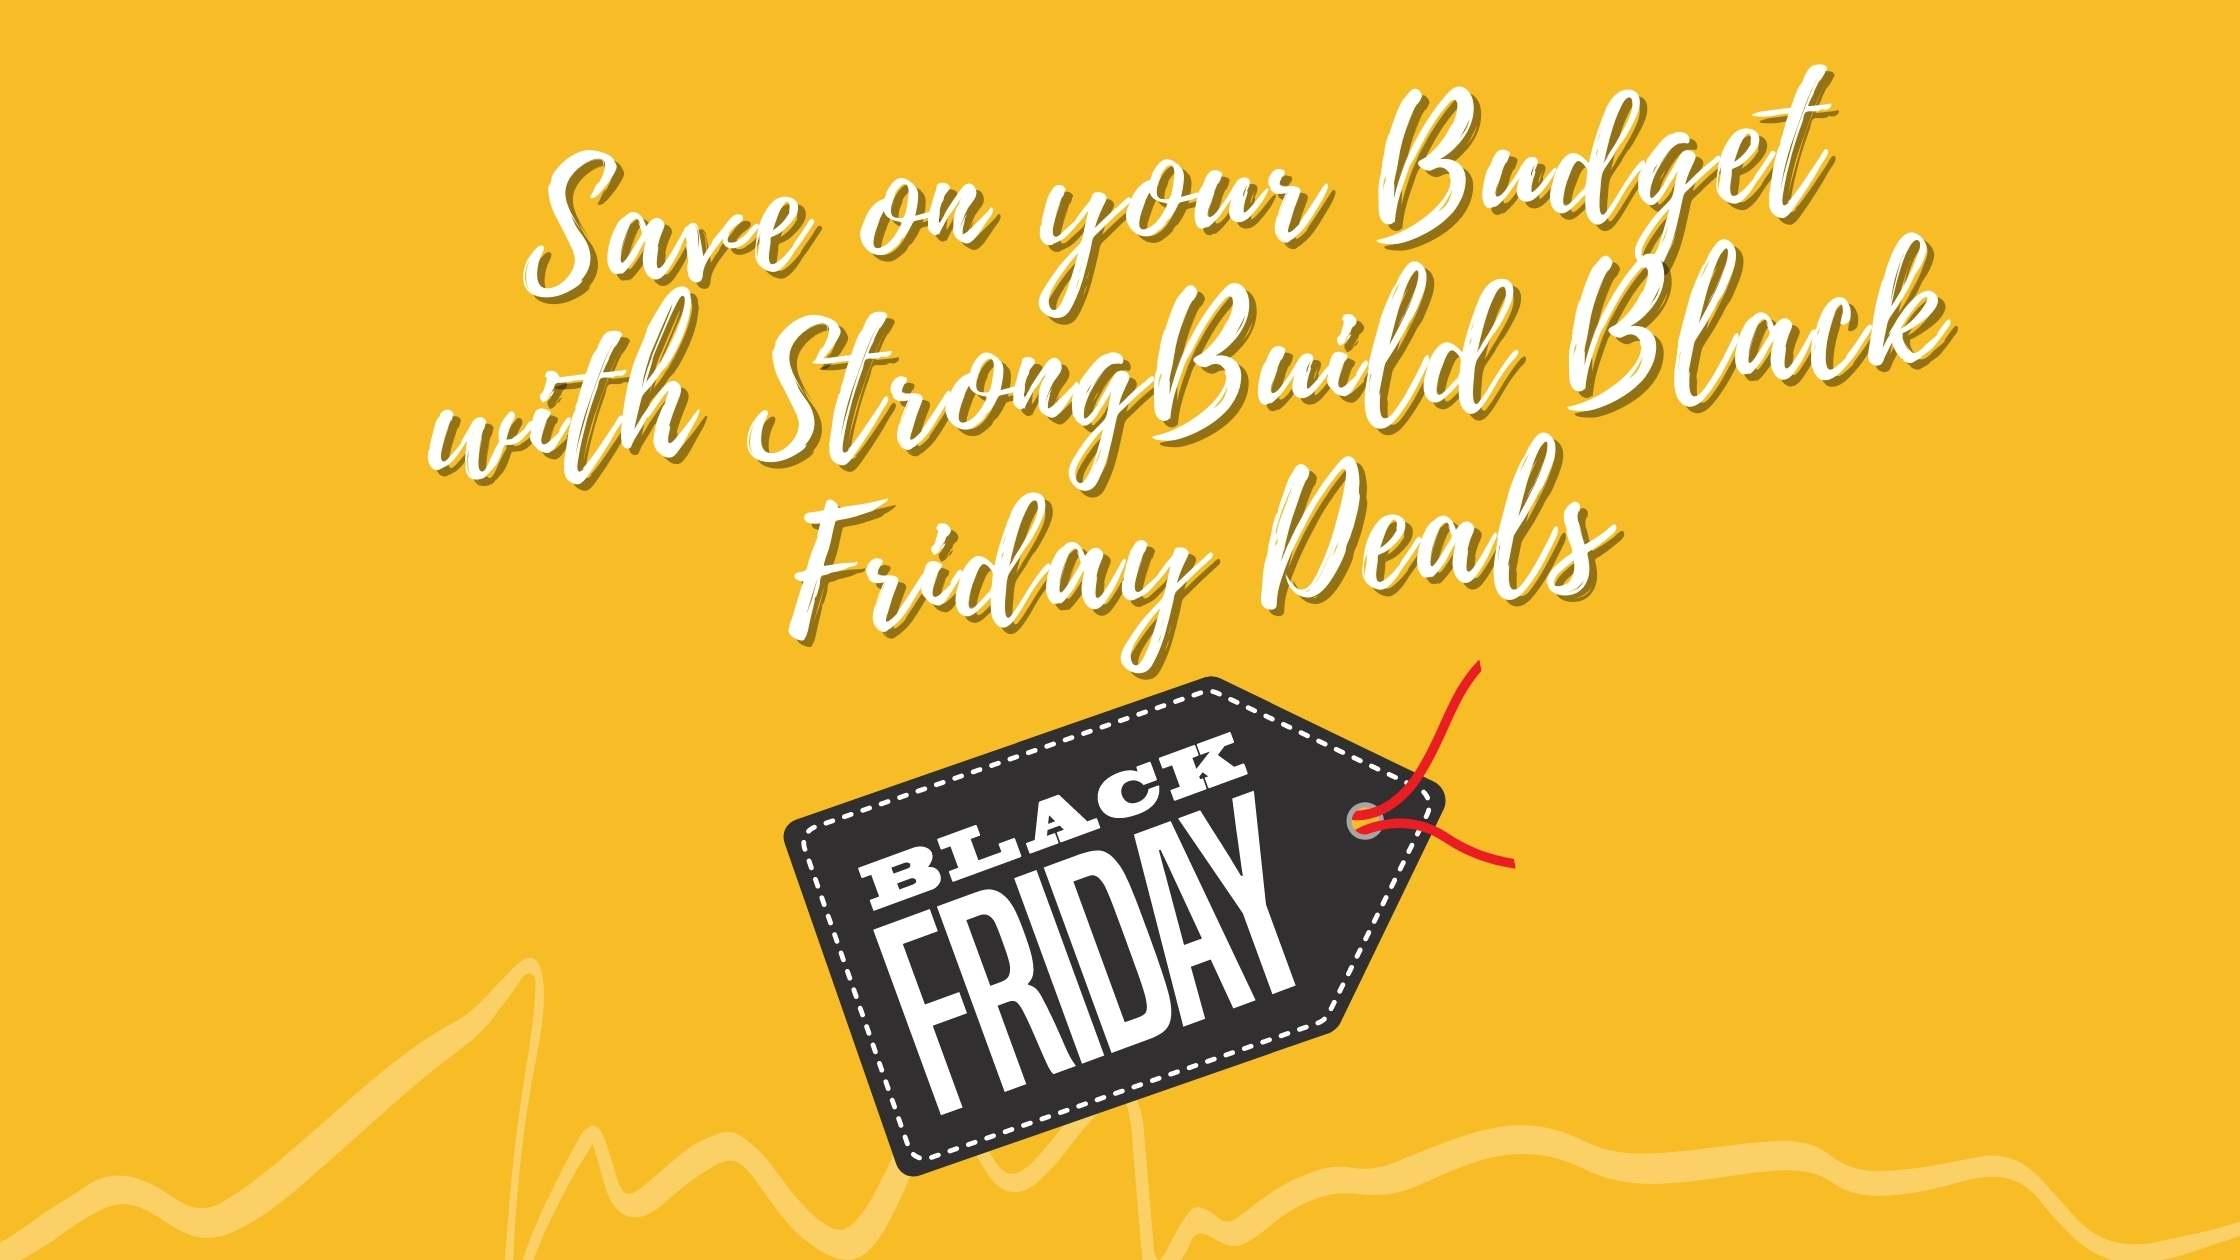 Strongbuild black friday deals